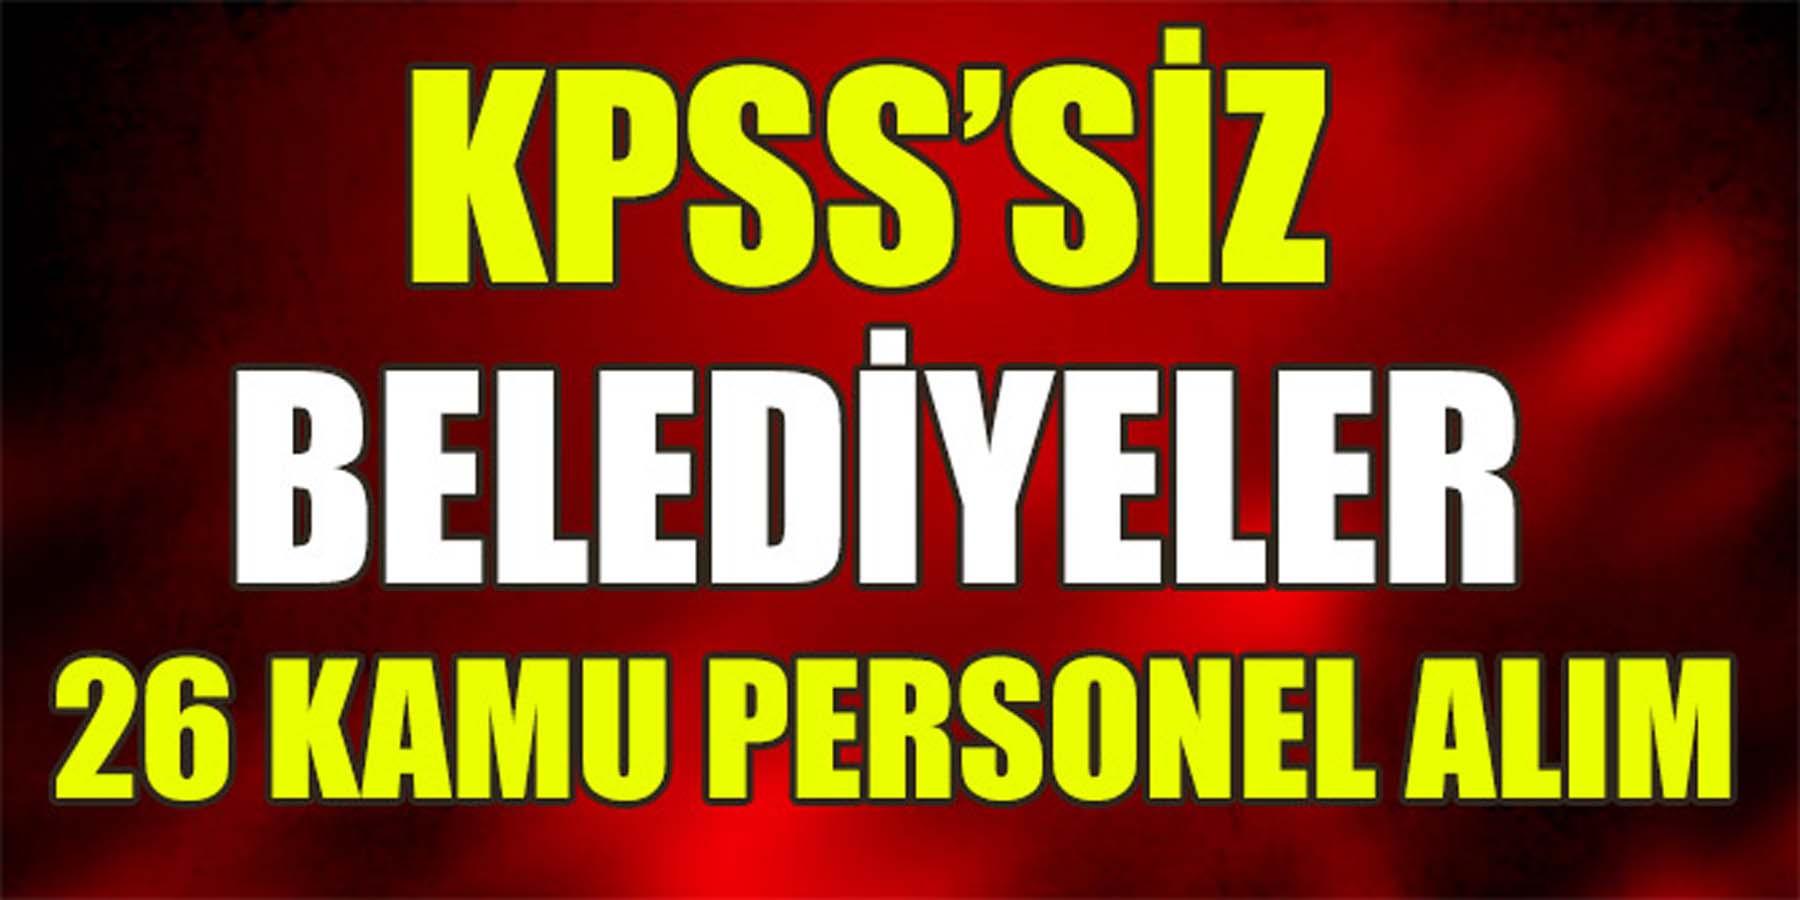 KPSS'siz Belediyeler 26 Kamu Personel Alım